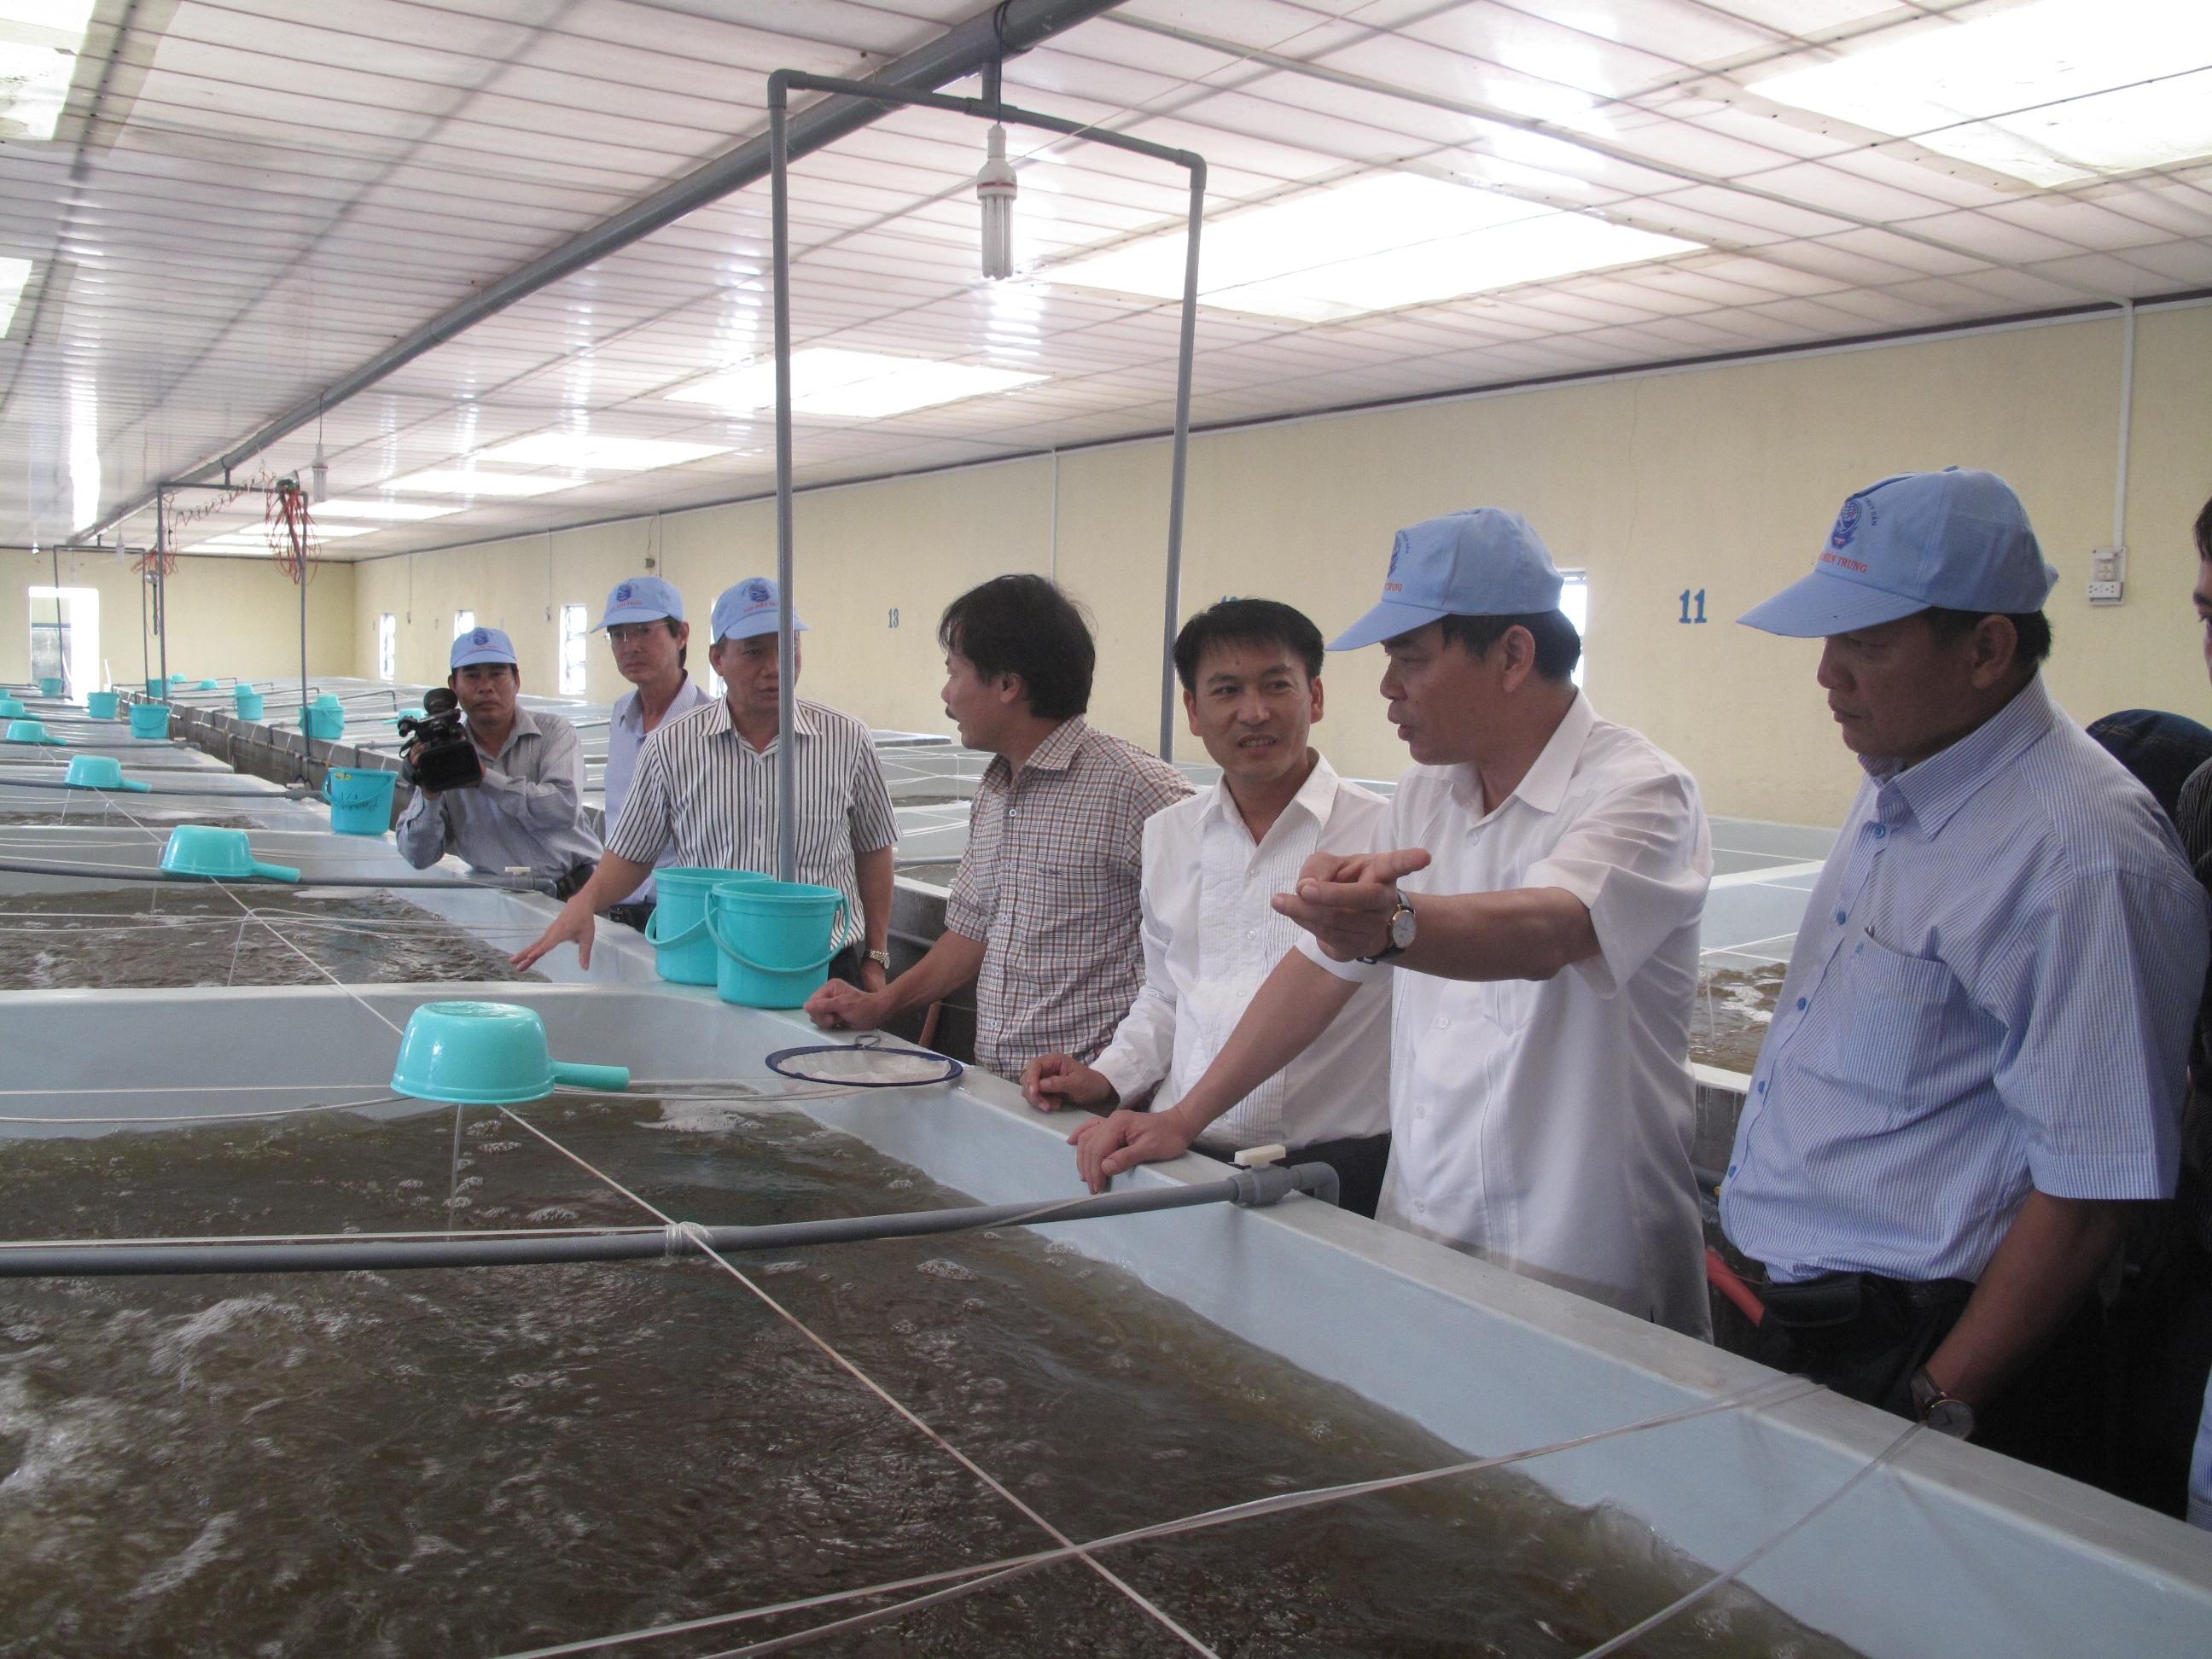 Bộ trưởng Bộ NNPTNT Nguyễn Xuân Cường thăm cơ sở sản xuất tôm giống thương phẩm tại thị trấn Vĩnh Tân, huyện Tuy Phong, Bình Thuận.